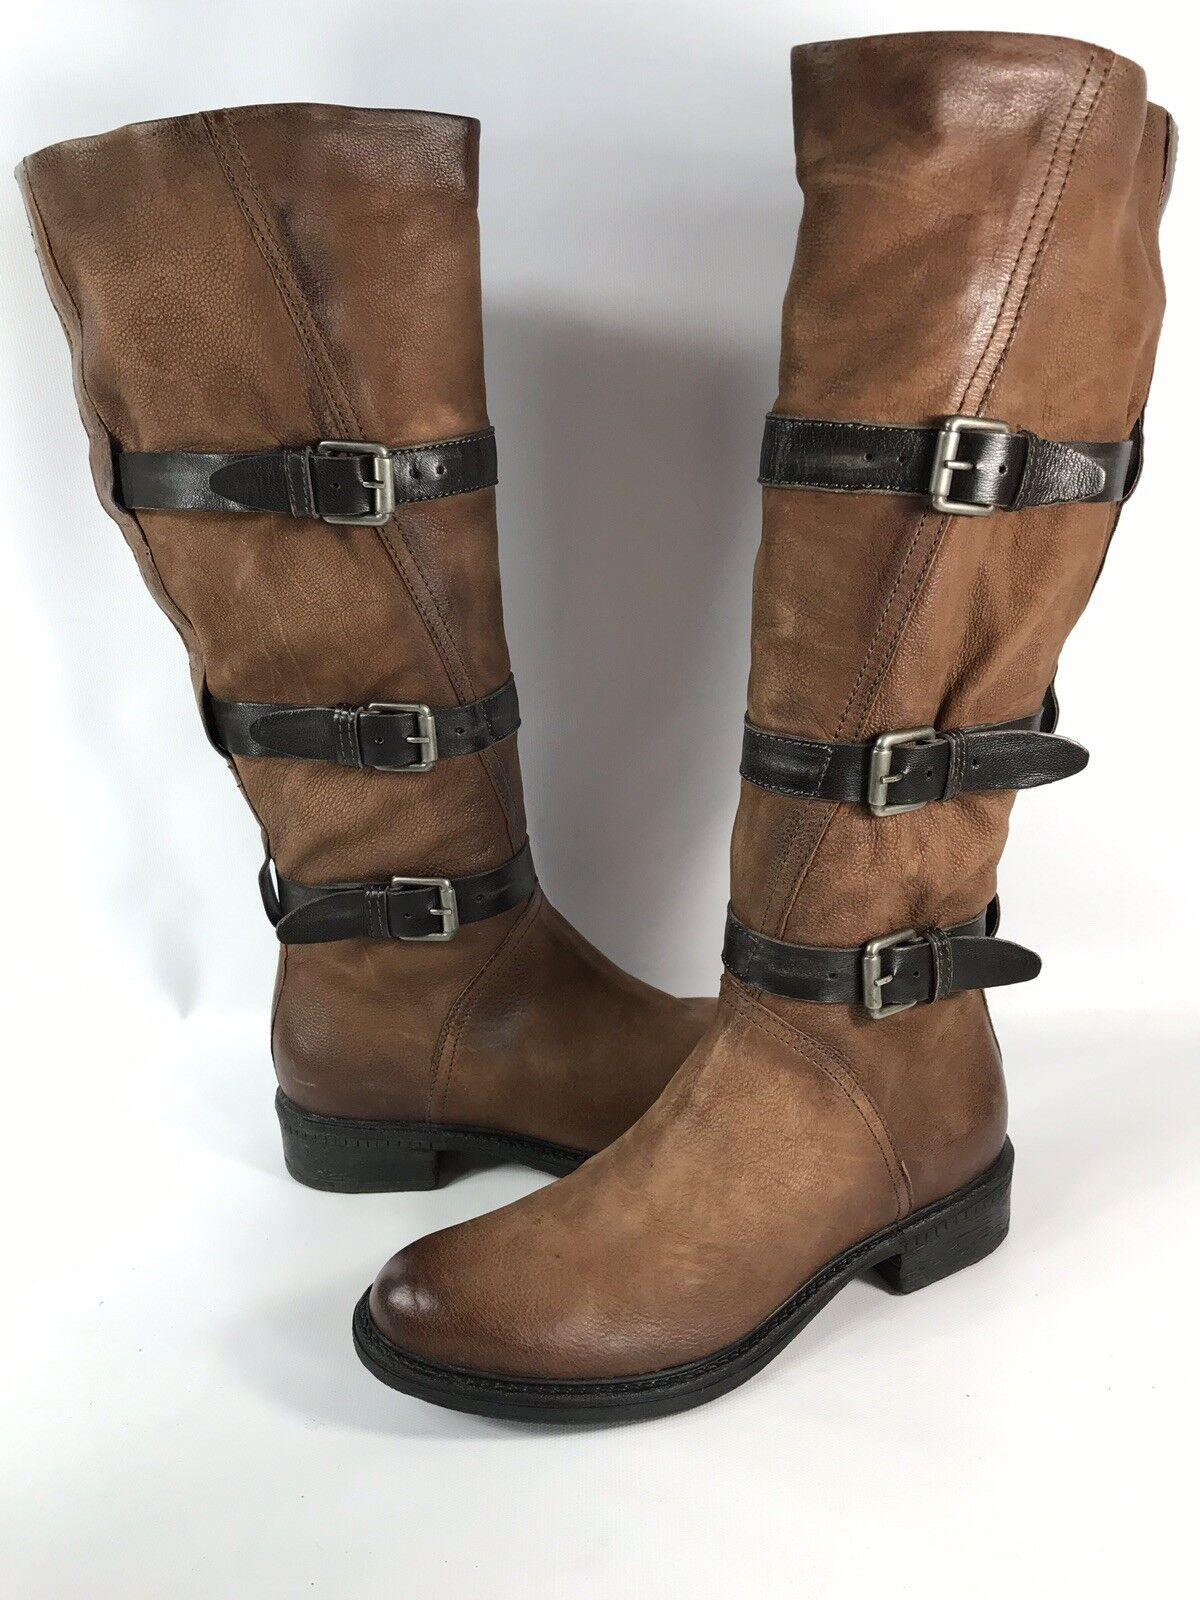 Miz Mooz Tall Leather Boots w  Buckle Detail EU 38 US 7 - 7.5